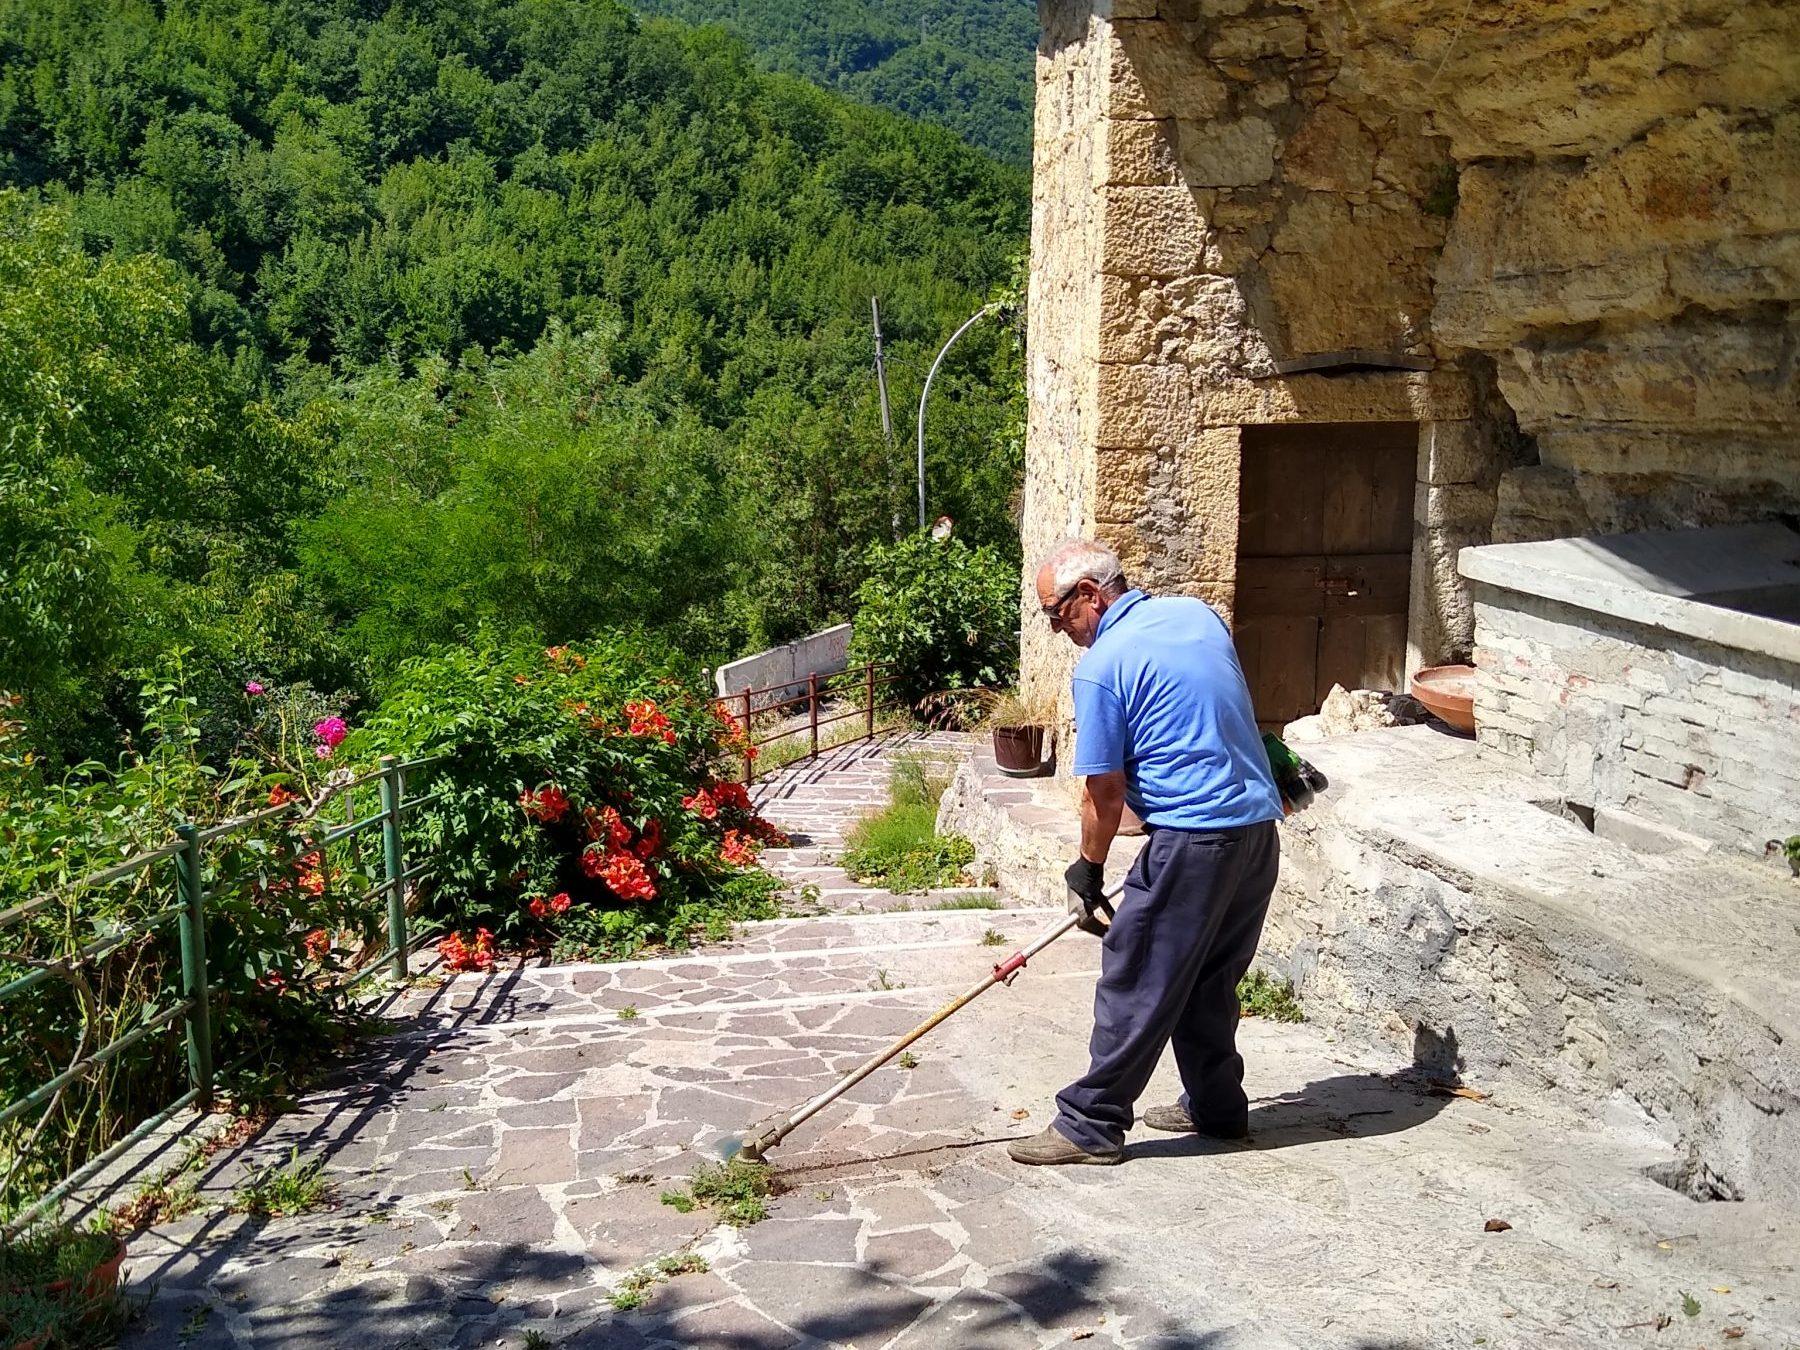 Giovanni nei pressi della fontana sotto la roccia